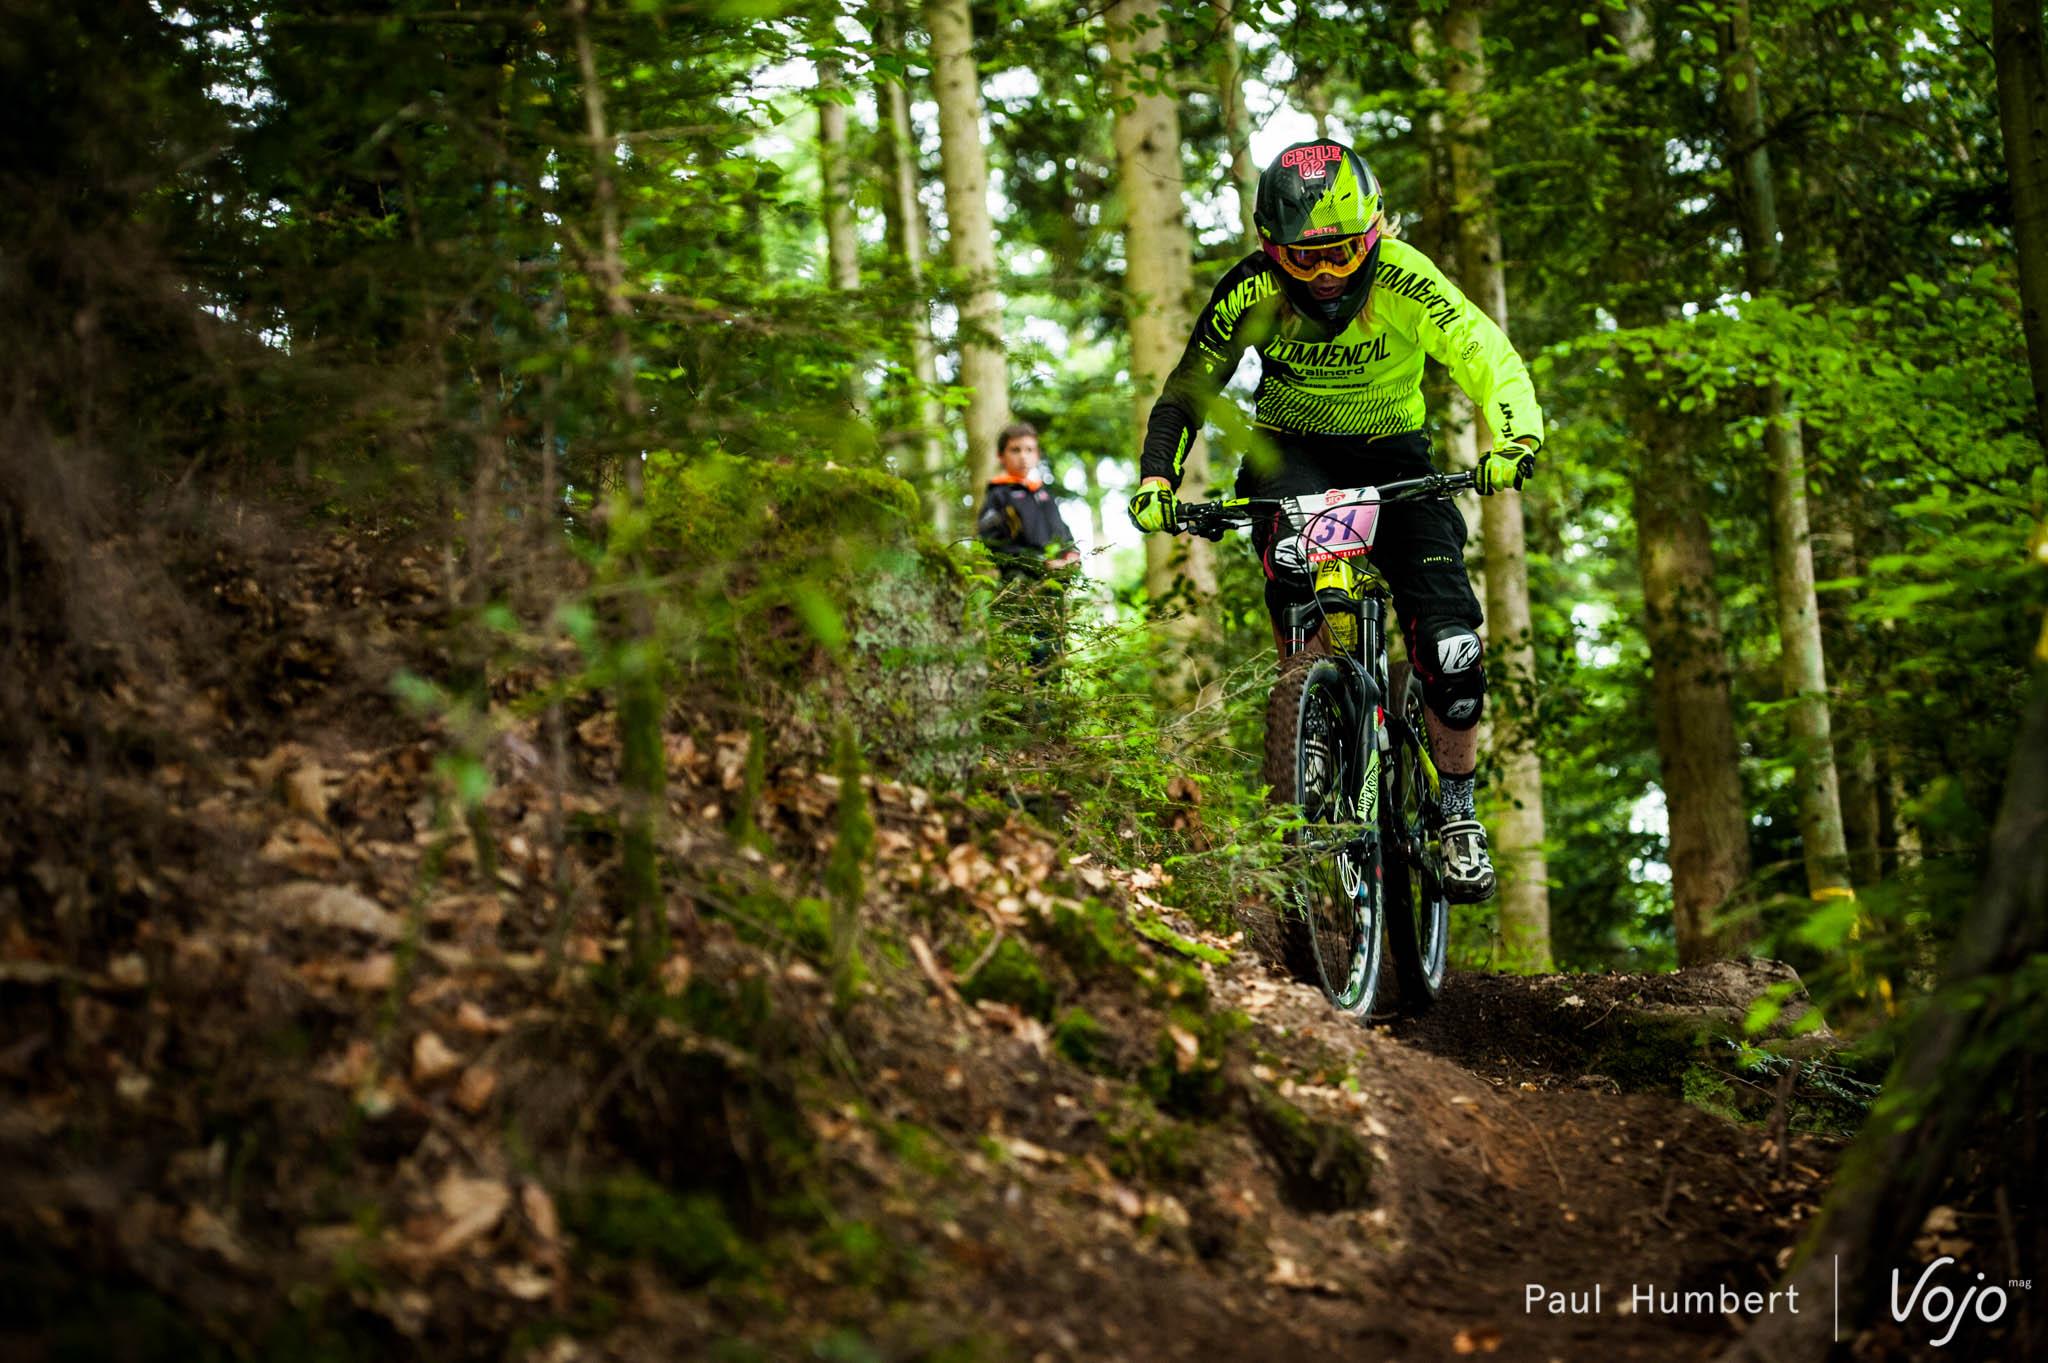 Raon-l-etape-vojo-2016-paul-humbert-11